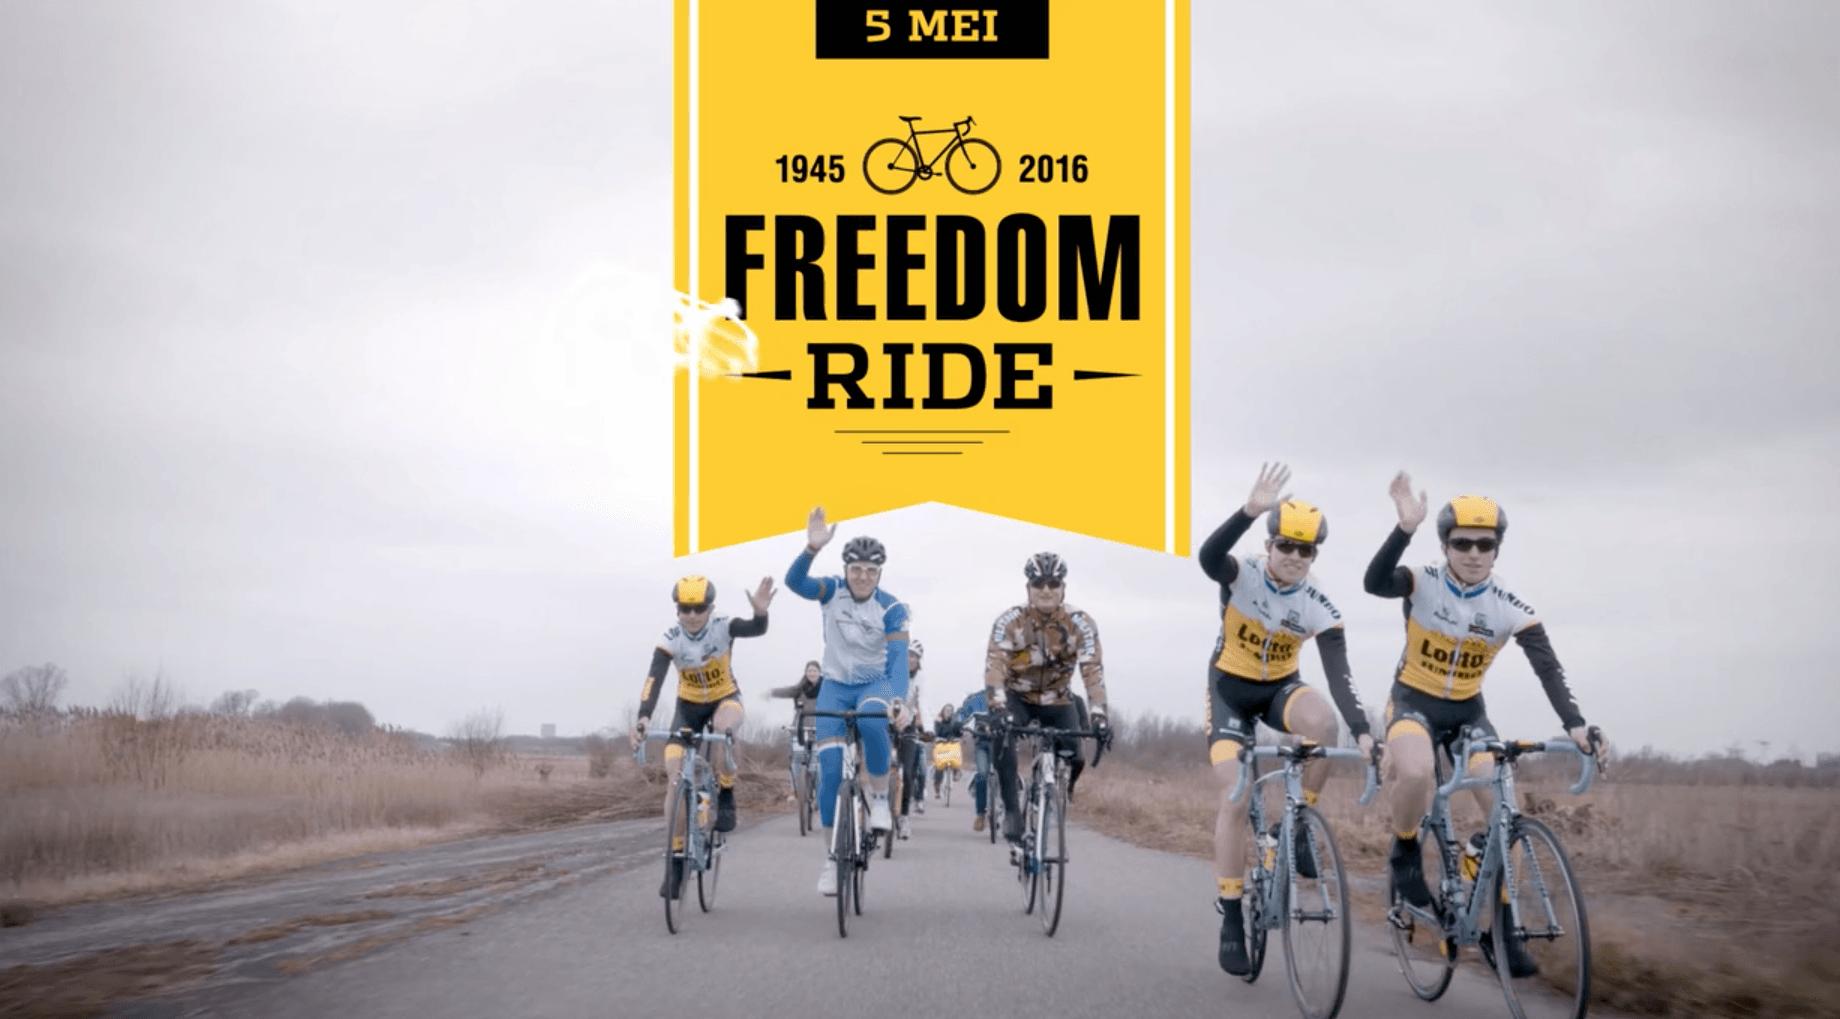 Freedomride